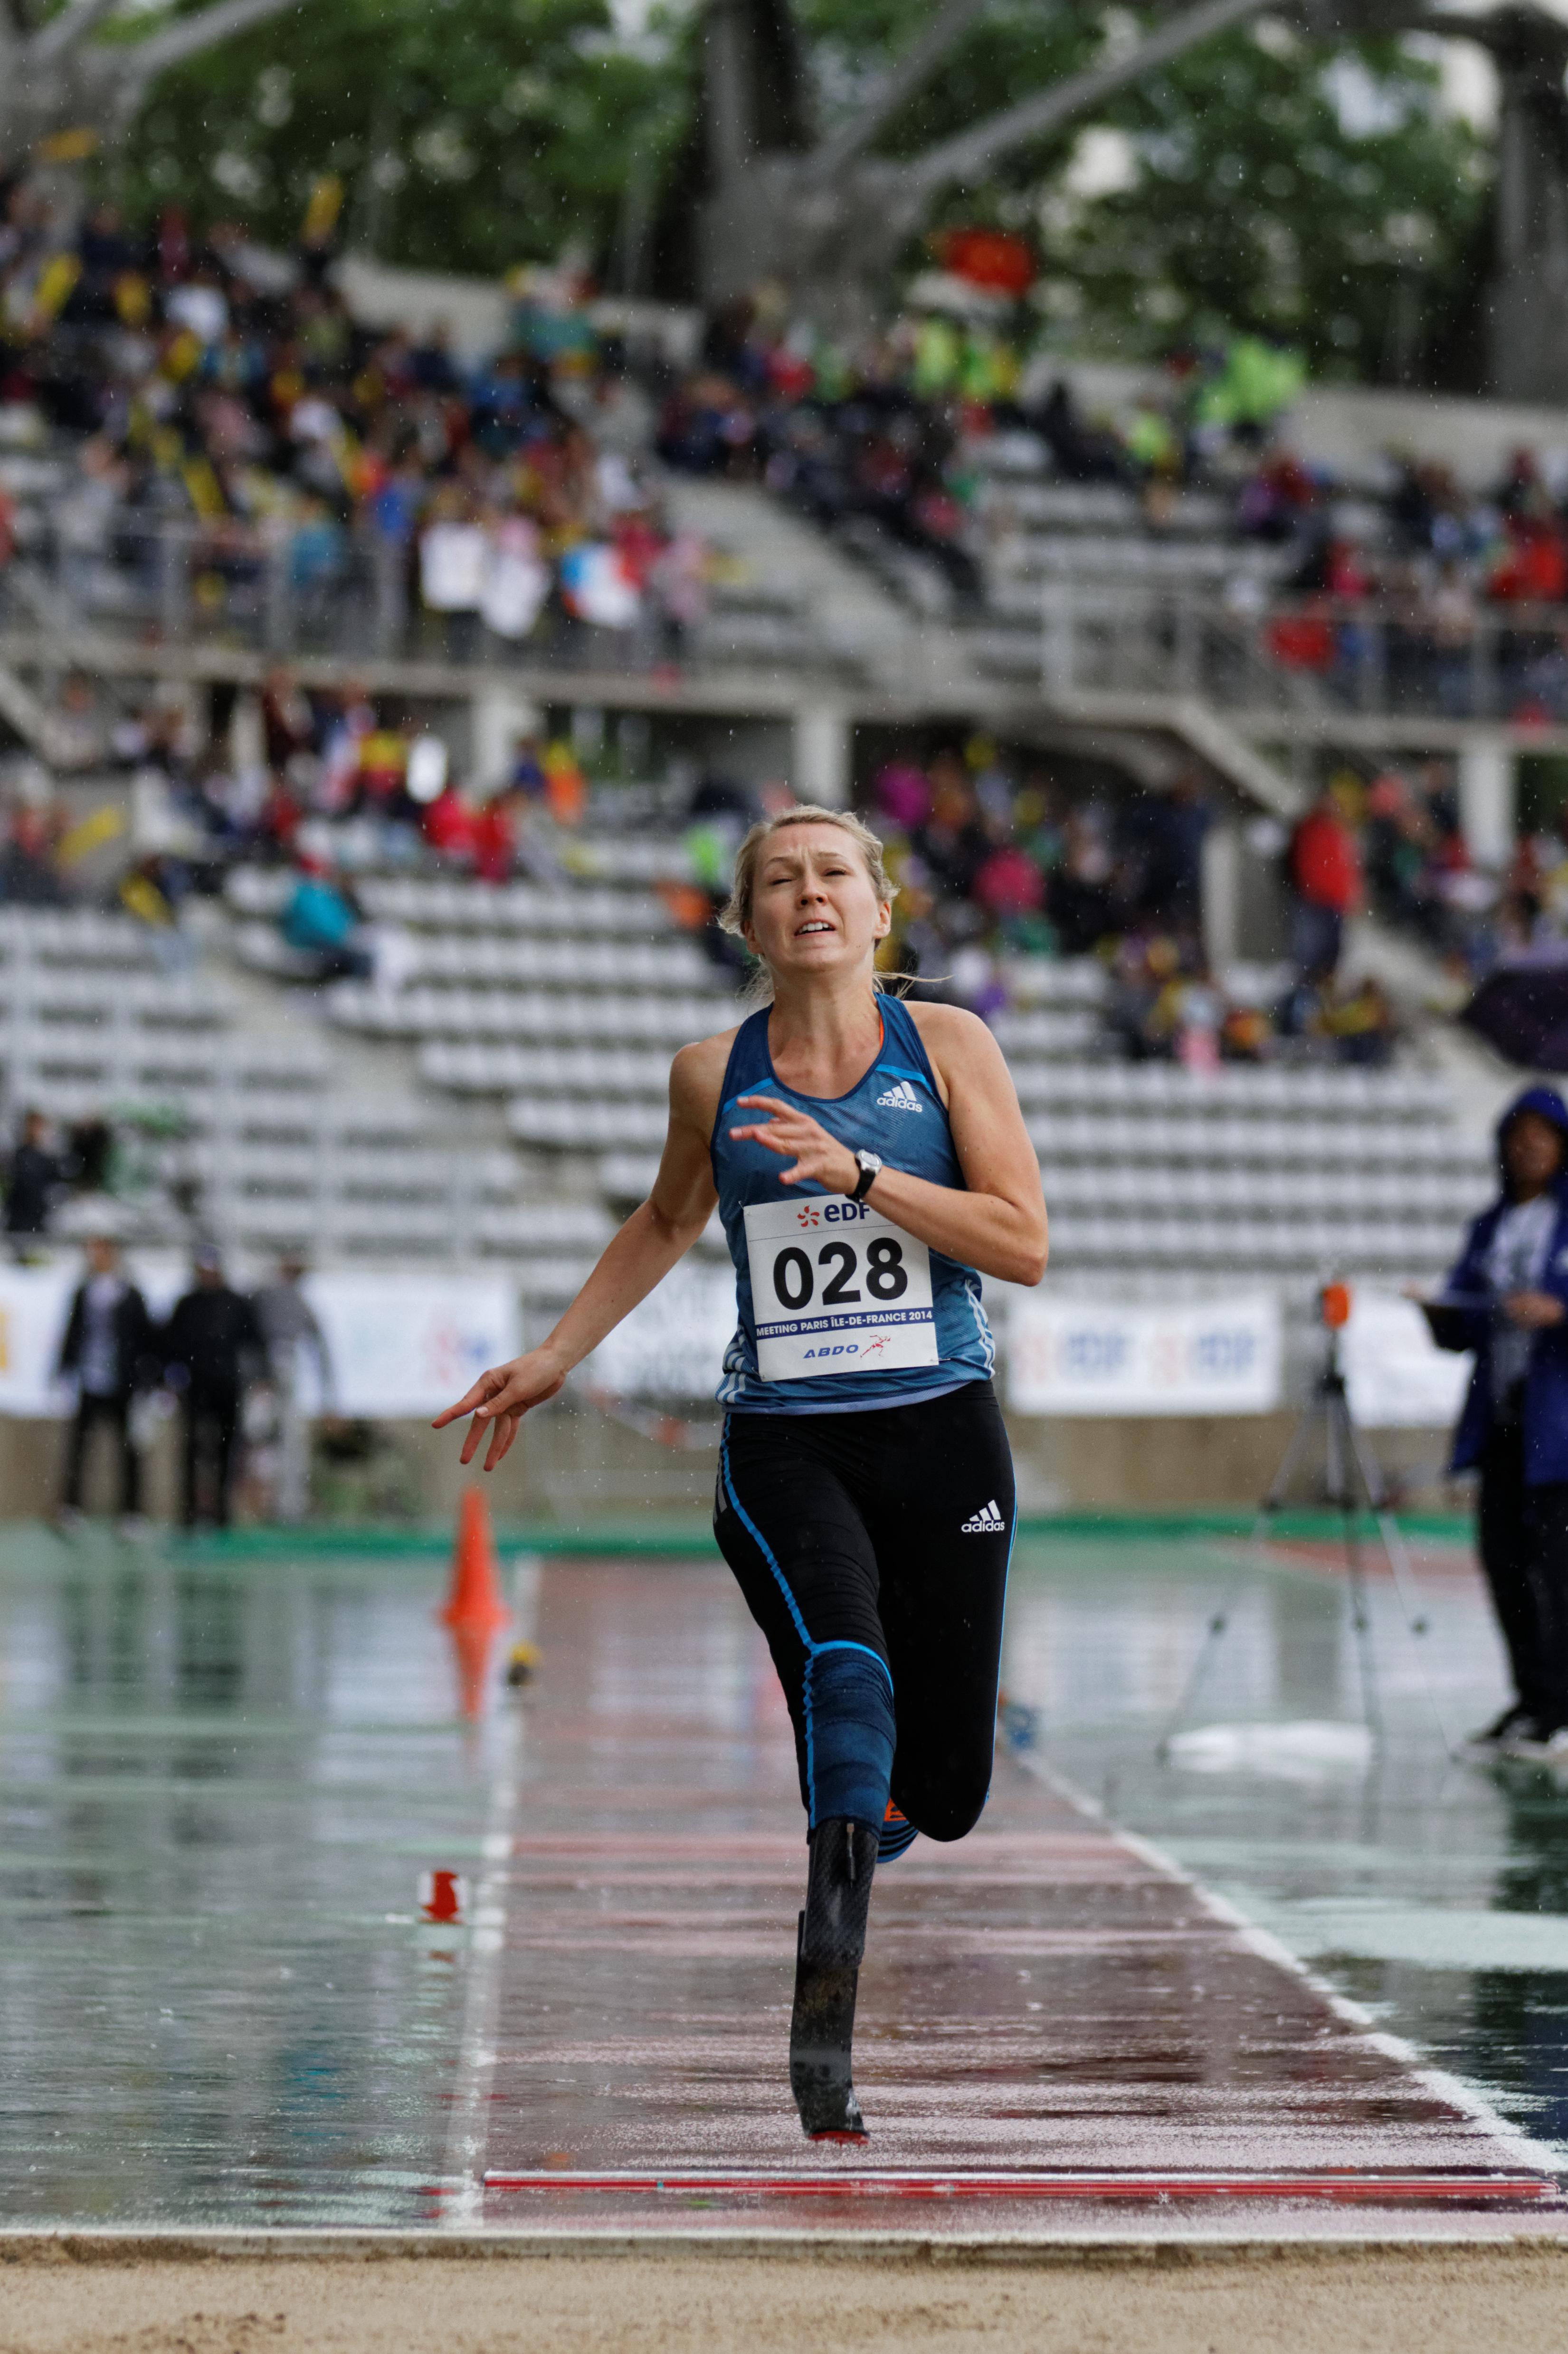 Meeting d'Athlétisme Paralympique de Paris - Iris Pruysen 01.jpg